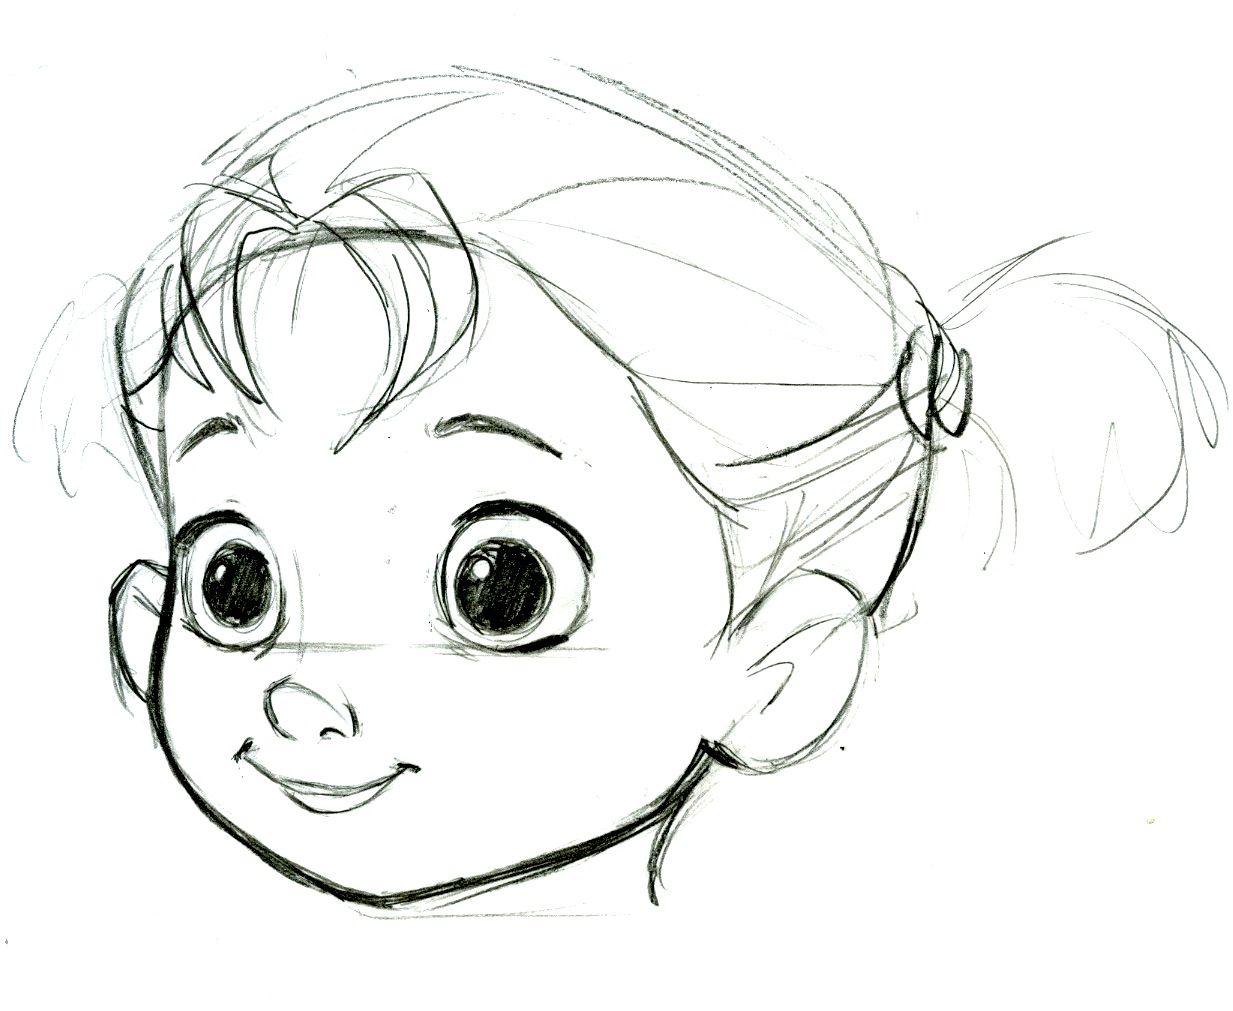 Детские лица картинки нарисованные карандашом